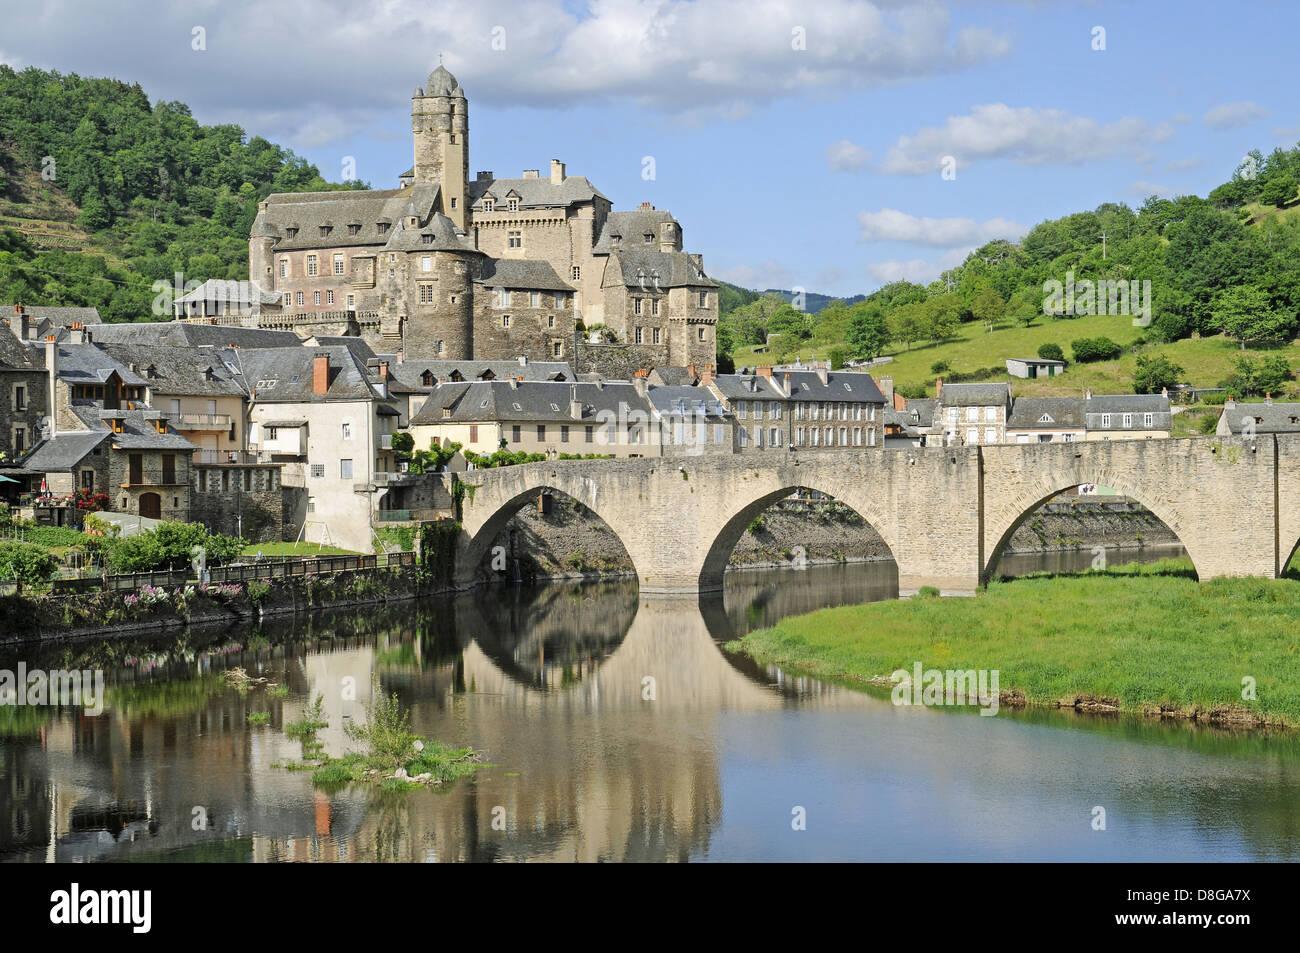 Pont sur le Lot bridge - Stock Image